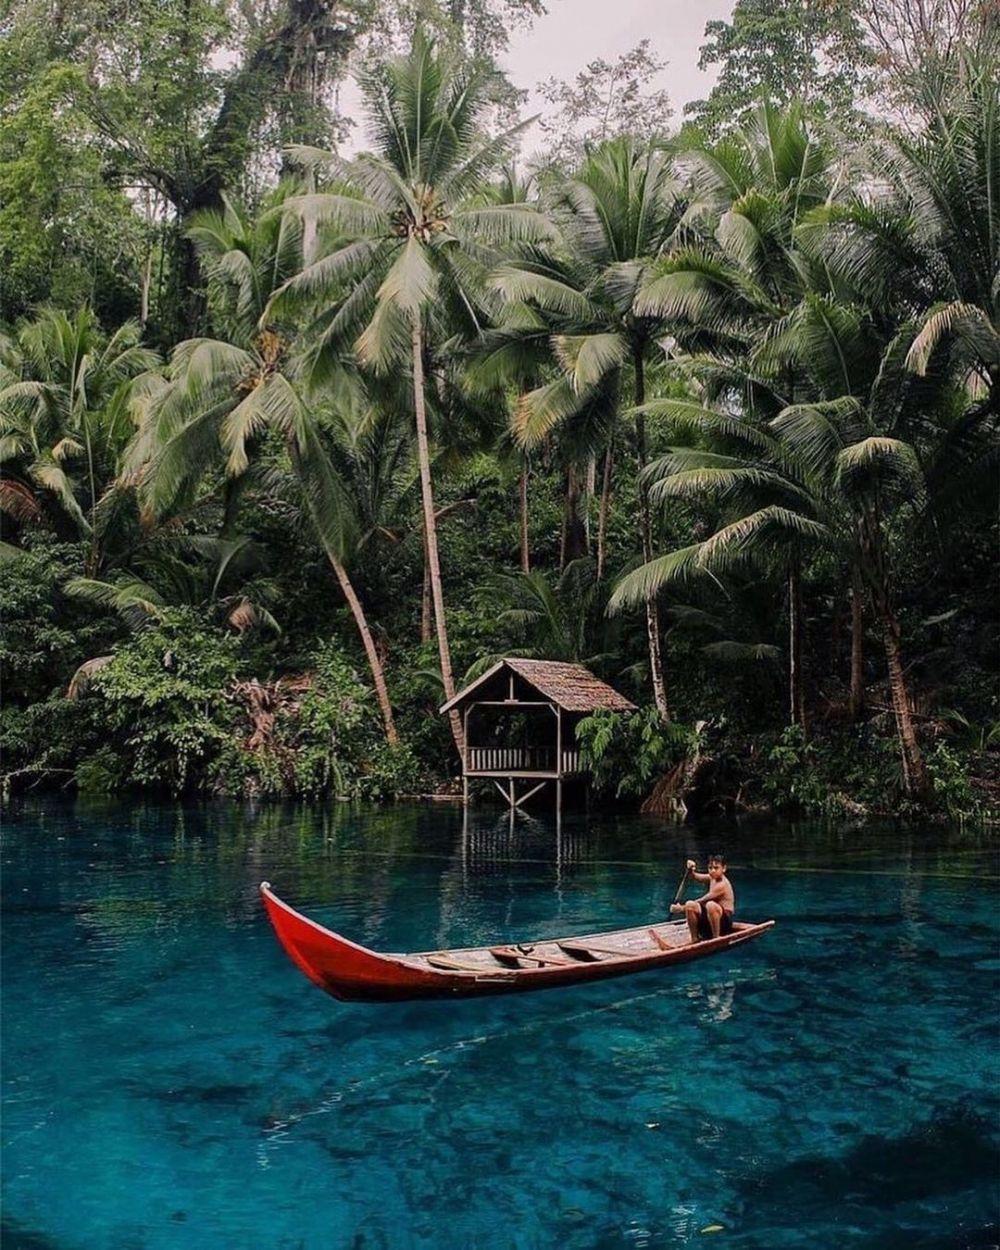 5 Danau di Indonesia yang Airnya Sebening Kaca, Bikin Ngebet Nyemplung